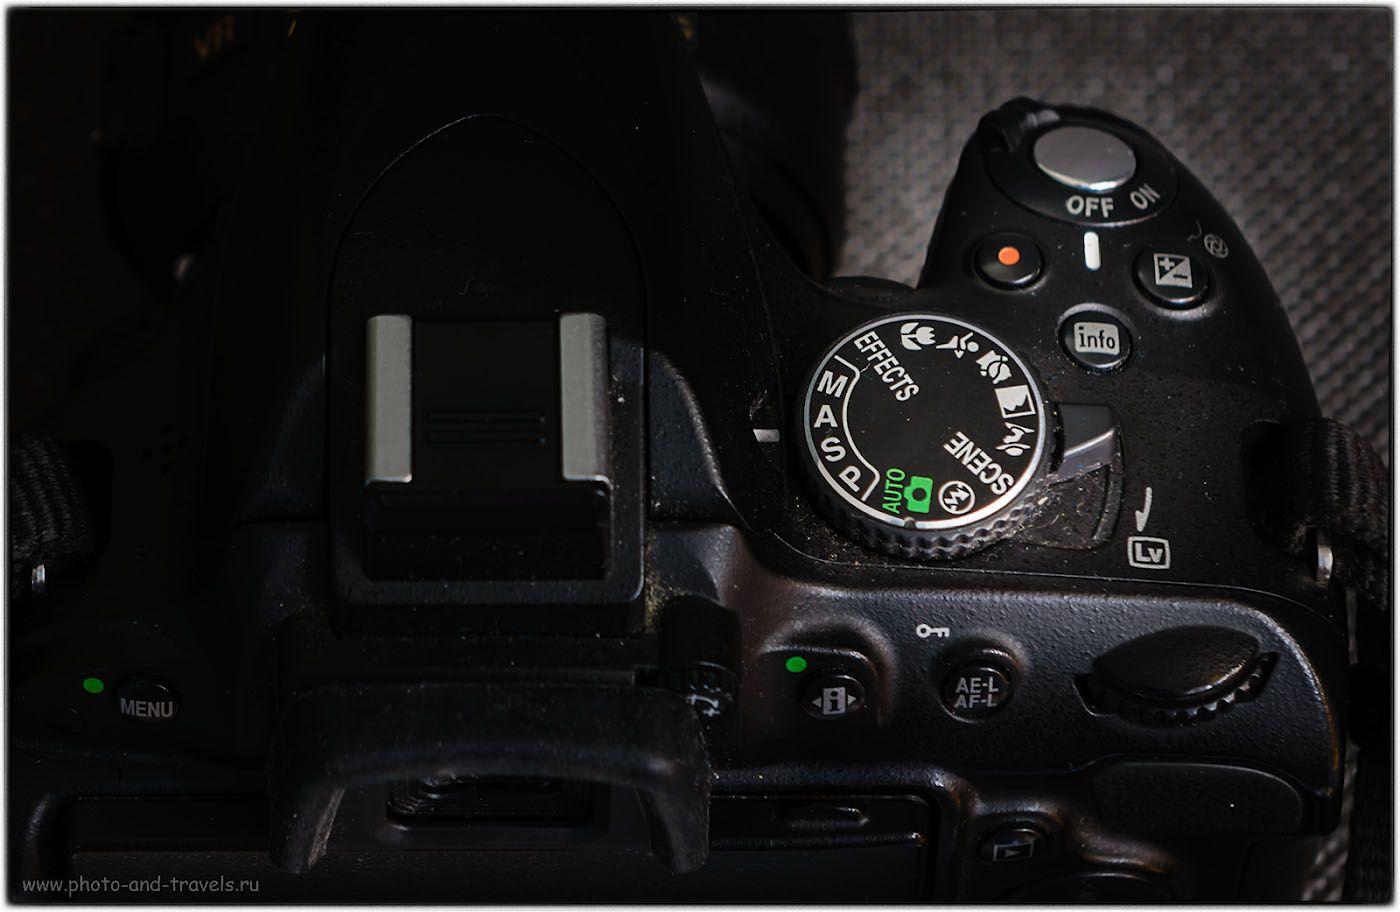 какие настройки лучше в темноте фотоаппарата изначально